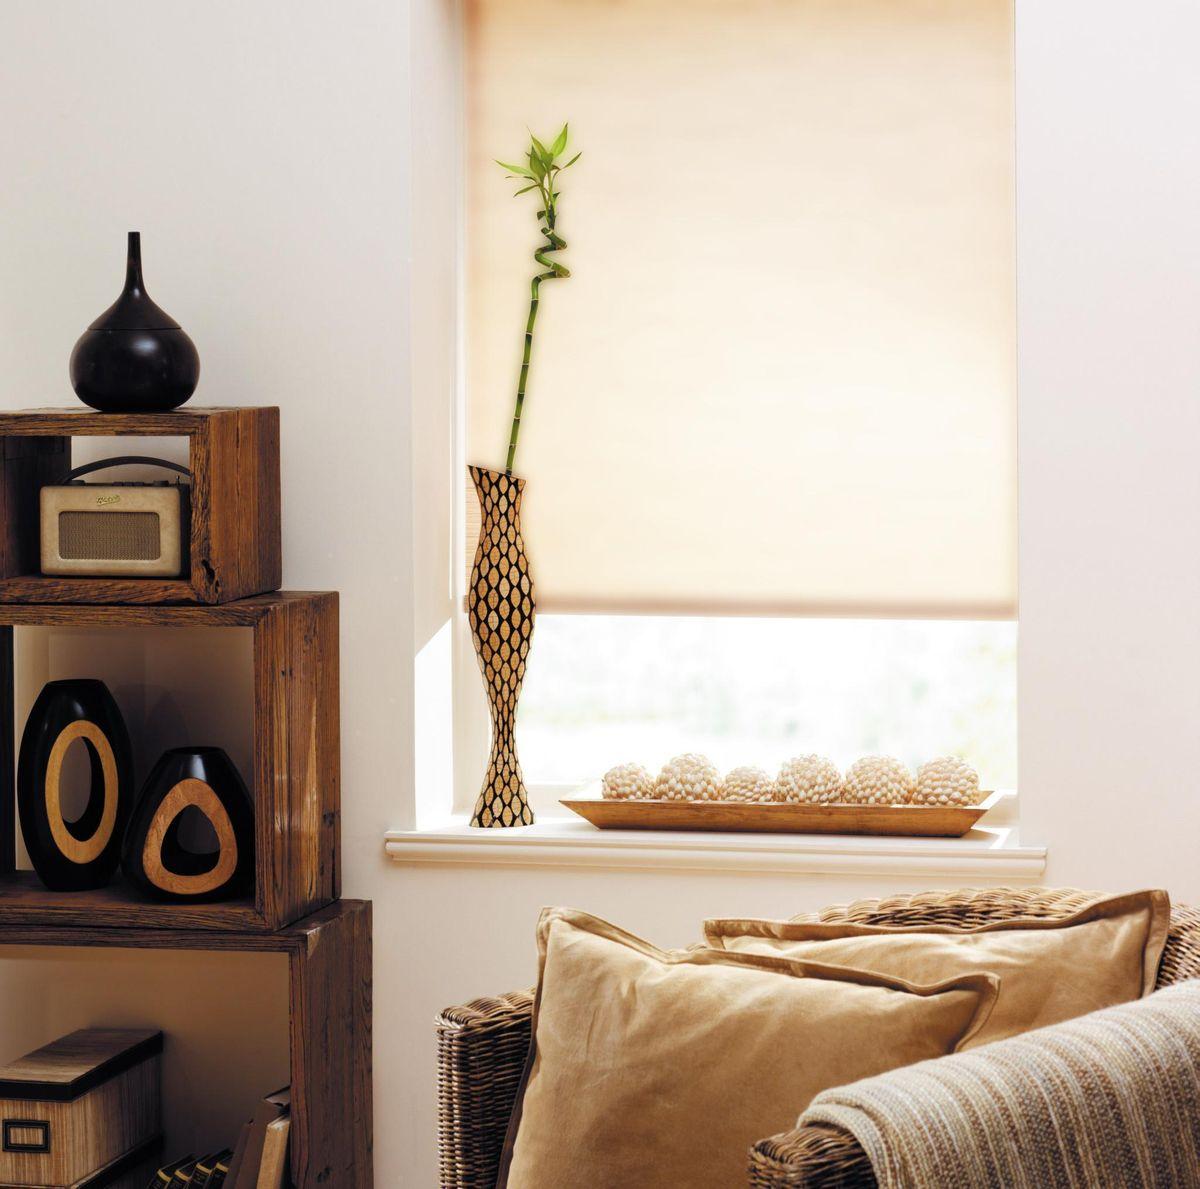 Штора рулонная Эскар, цвет: бежевый лен, ширина 150 см, высота 170 см80409150170Рулонными шторами можно оформлять окна как самостоятельно, так и использовать в комбинации с портьерами. Это поможет предотвратить выгорание дорогой ткани на солнце и соединит функционал рулонных с красотой навесных. Преимущества применения рулонных штор для пластиковых окон: - имеют прекрасный внешний вид: многообразие и фактурность материала изделия отлично смотрятся в любом интерьере; - многофункциональны: есть возможность подобрать шторы способные эффективно защитить комнату от солнца, при этом о на не будет слишком темной. - Есть возможность осуществить быстрый монтаж. ВНИМАНИЕ! Размеры ширины изделия указаны по ширине ткани! Во время эксплуатации не рекомендуется полностью разматывать рулон, чтобы не оторвать ткань от намоточного вала. В случае загрязнения поверхности ткани, чистку шторы проводят одним из способов, в зависимости от типа загрязнения: легкое поверхностное загрязнение можно удалить при помощи...